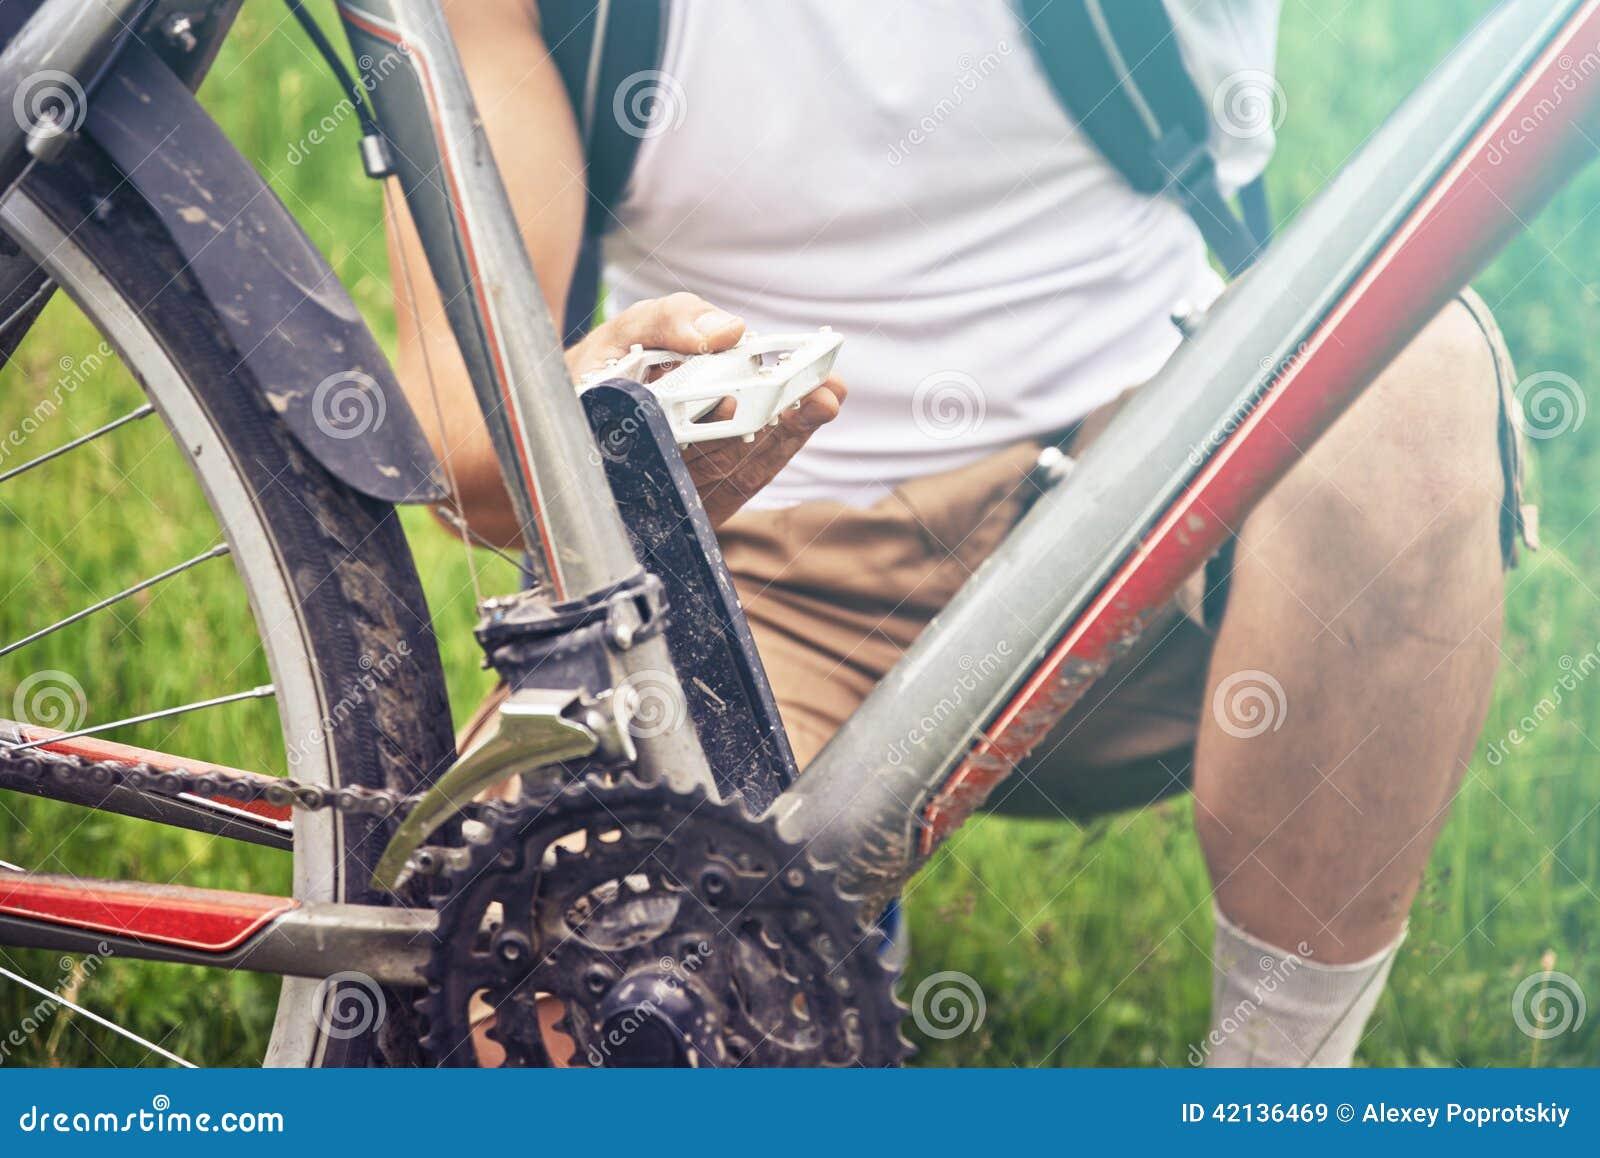 Mężczyzna czeków następ bicykl